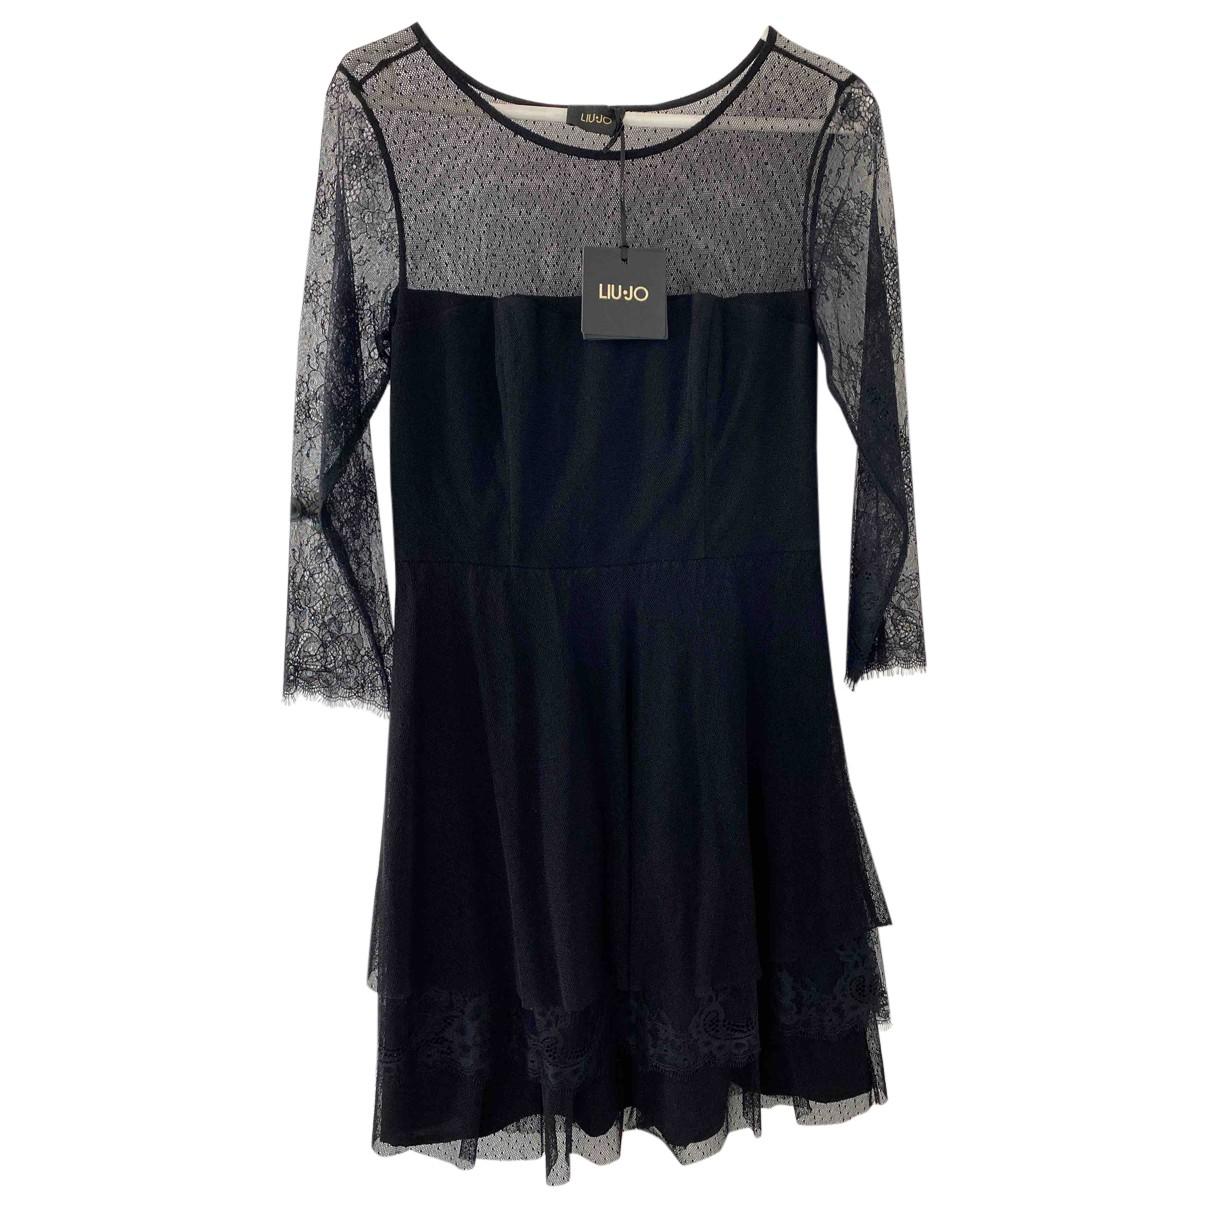 Liu.jo N Black dress for Women 42 IT